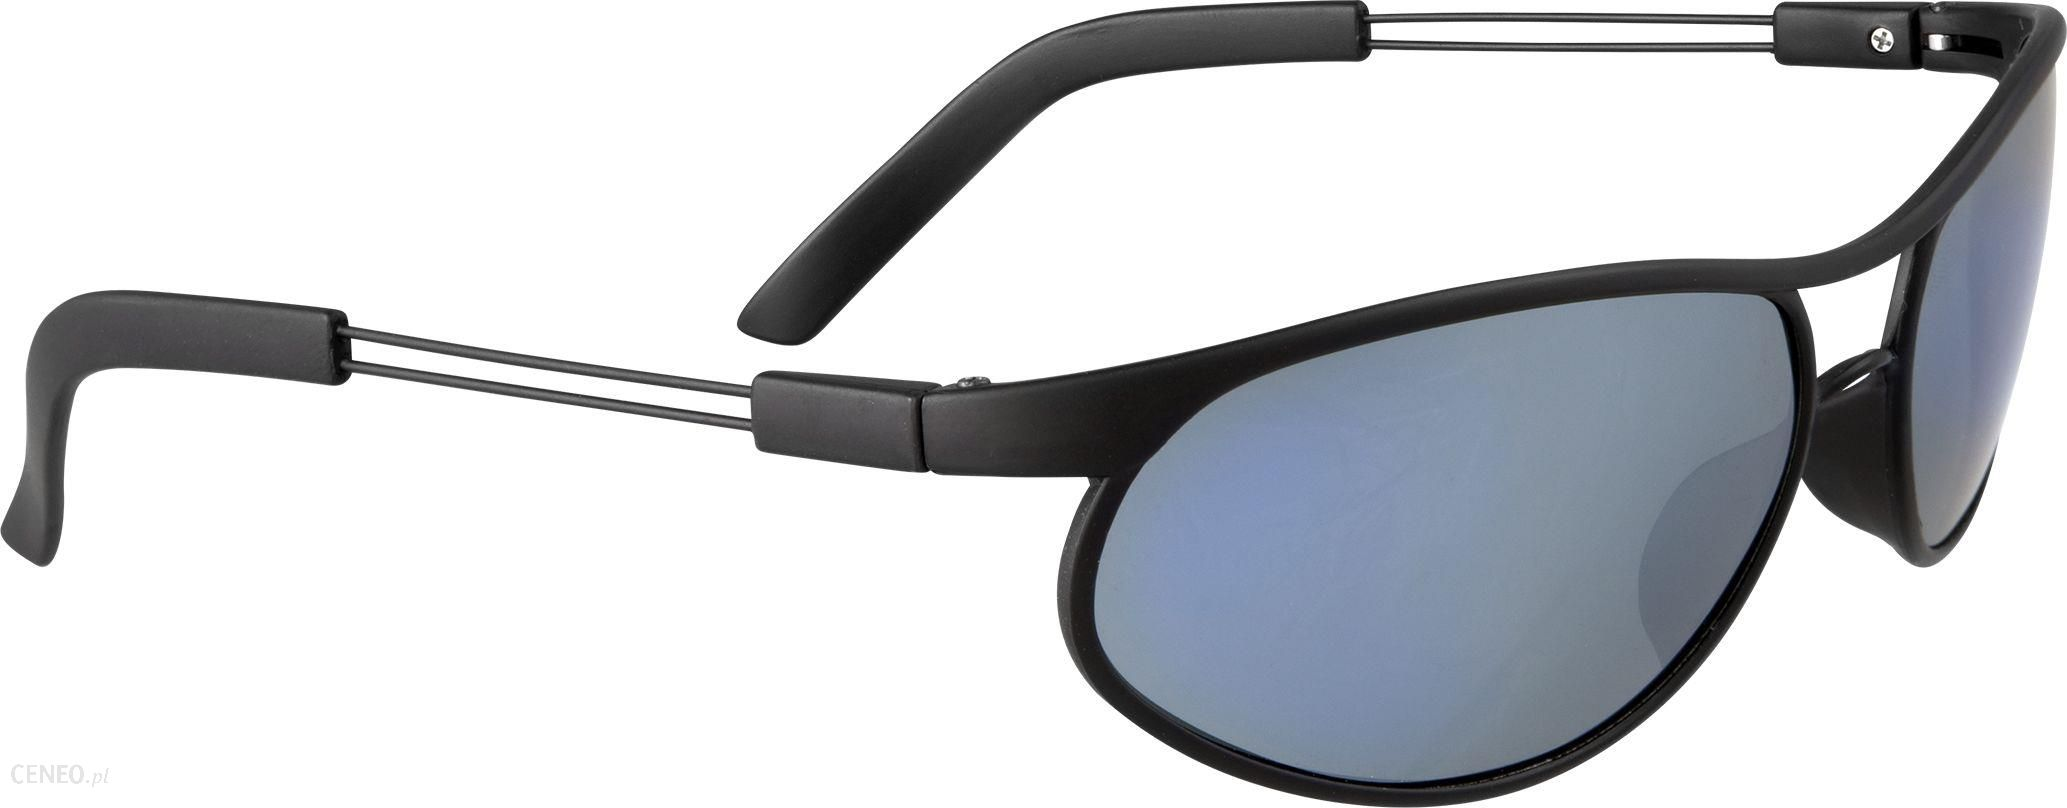 Dragon okulary polaryzacyjne rozjaśniające 1